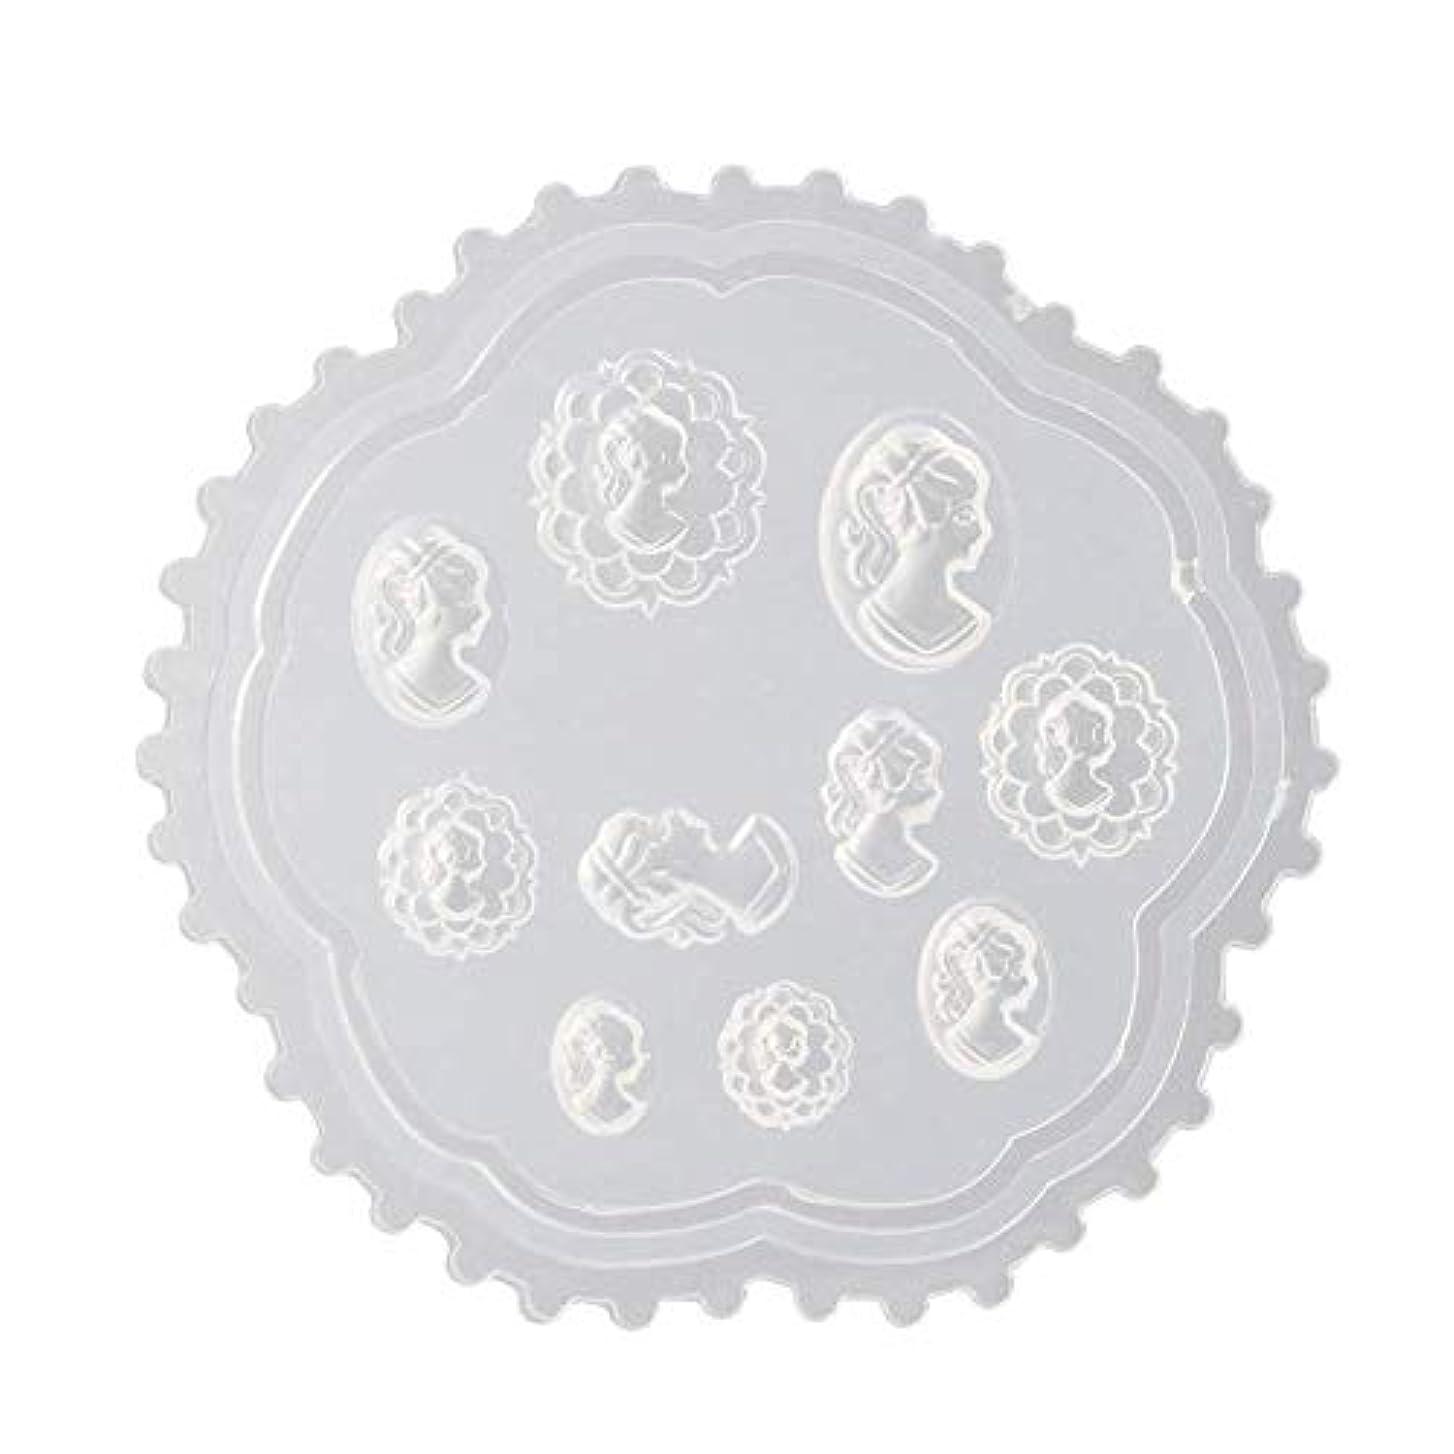 賢明な蒸気契約したgundoop 3Dシリコンモールド ネイル 葉 花 抜き型 3Dネイル用 レジンモールド UVレジン ネイルパーツ ジェル ネイル セット アクセサリー パーツ 作成 (2)